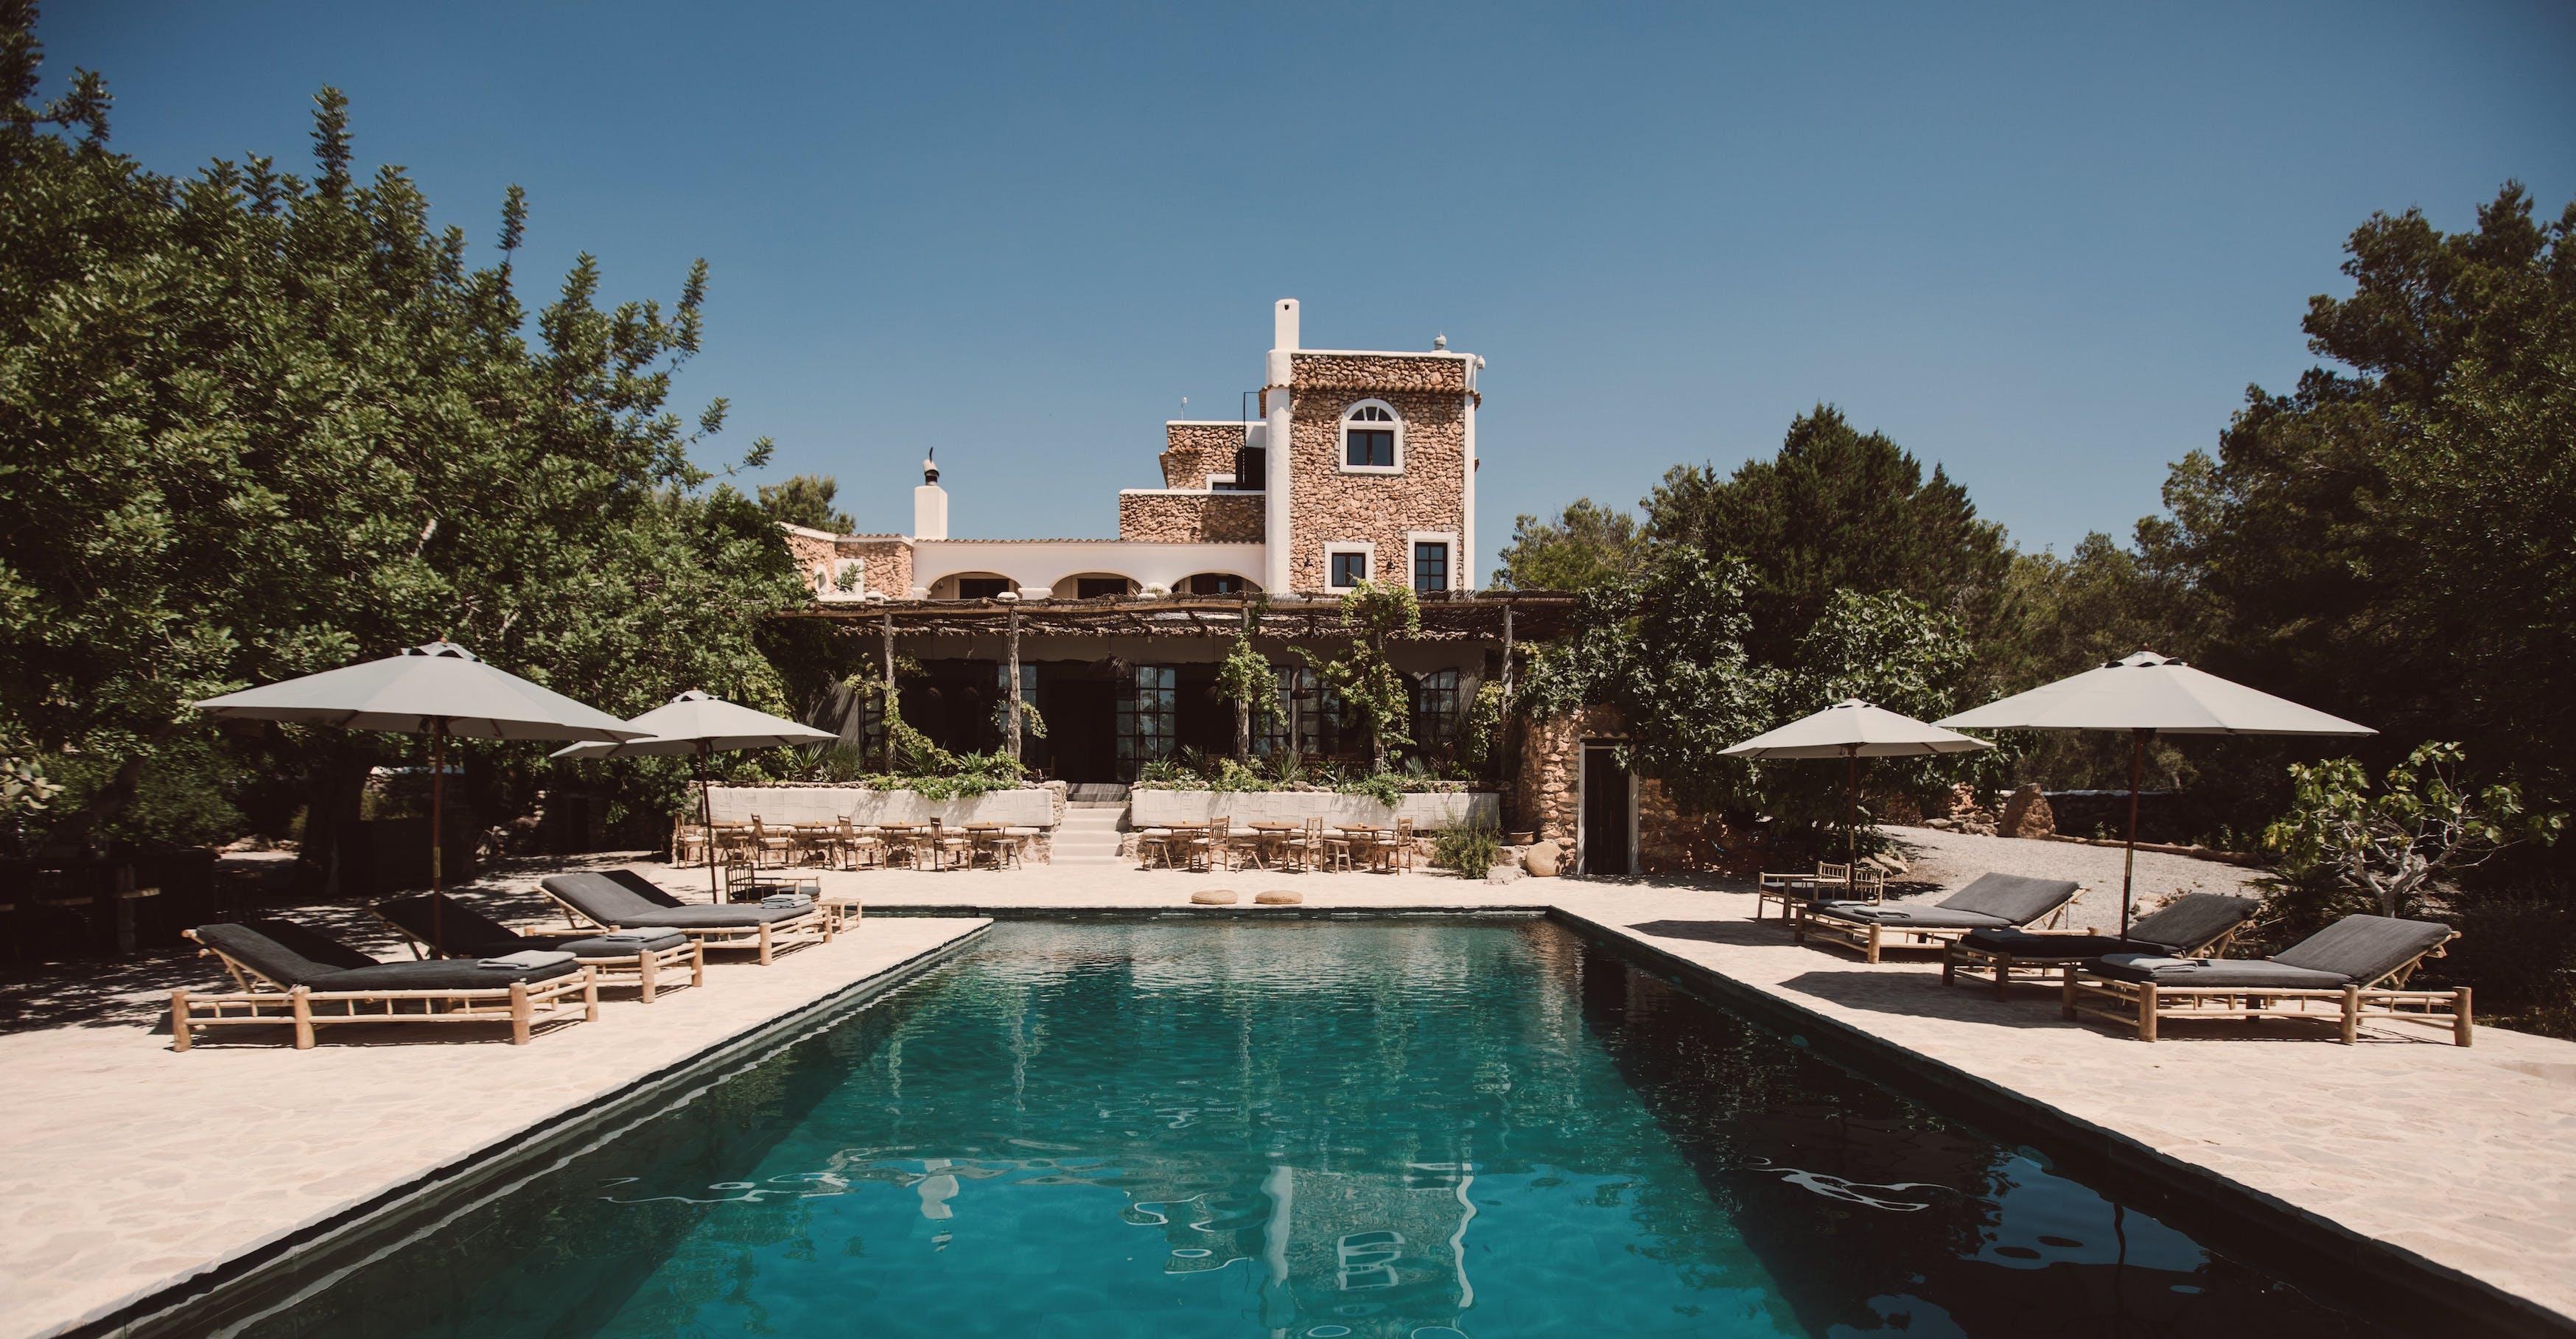 La Granja ad Ibiza il luogo ideale per rilassarsi alloggiare e praticare yoga  - L'Officiel Italia